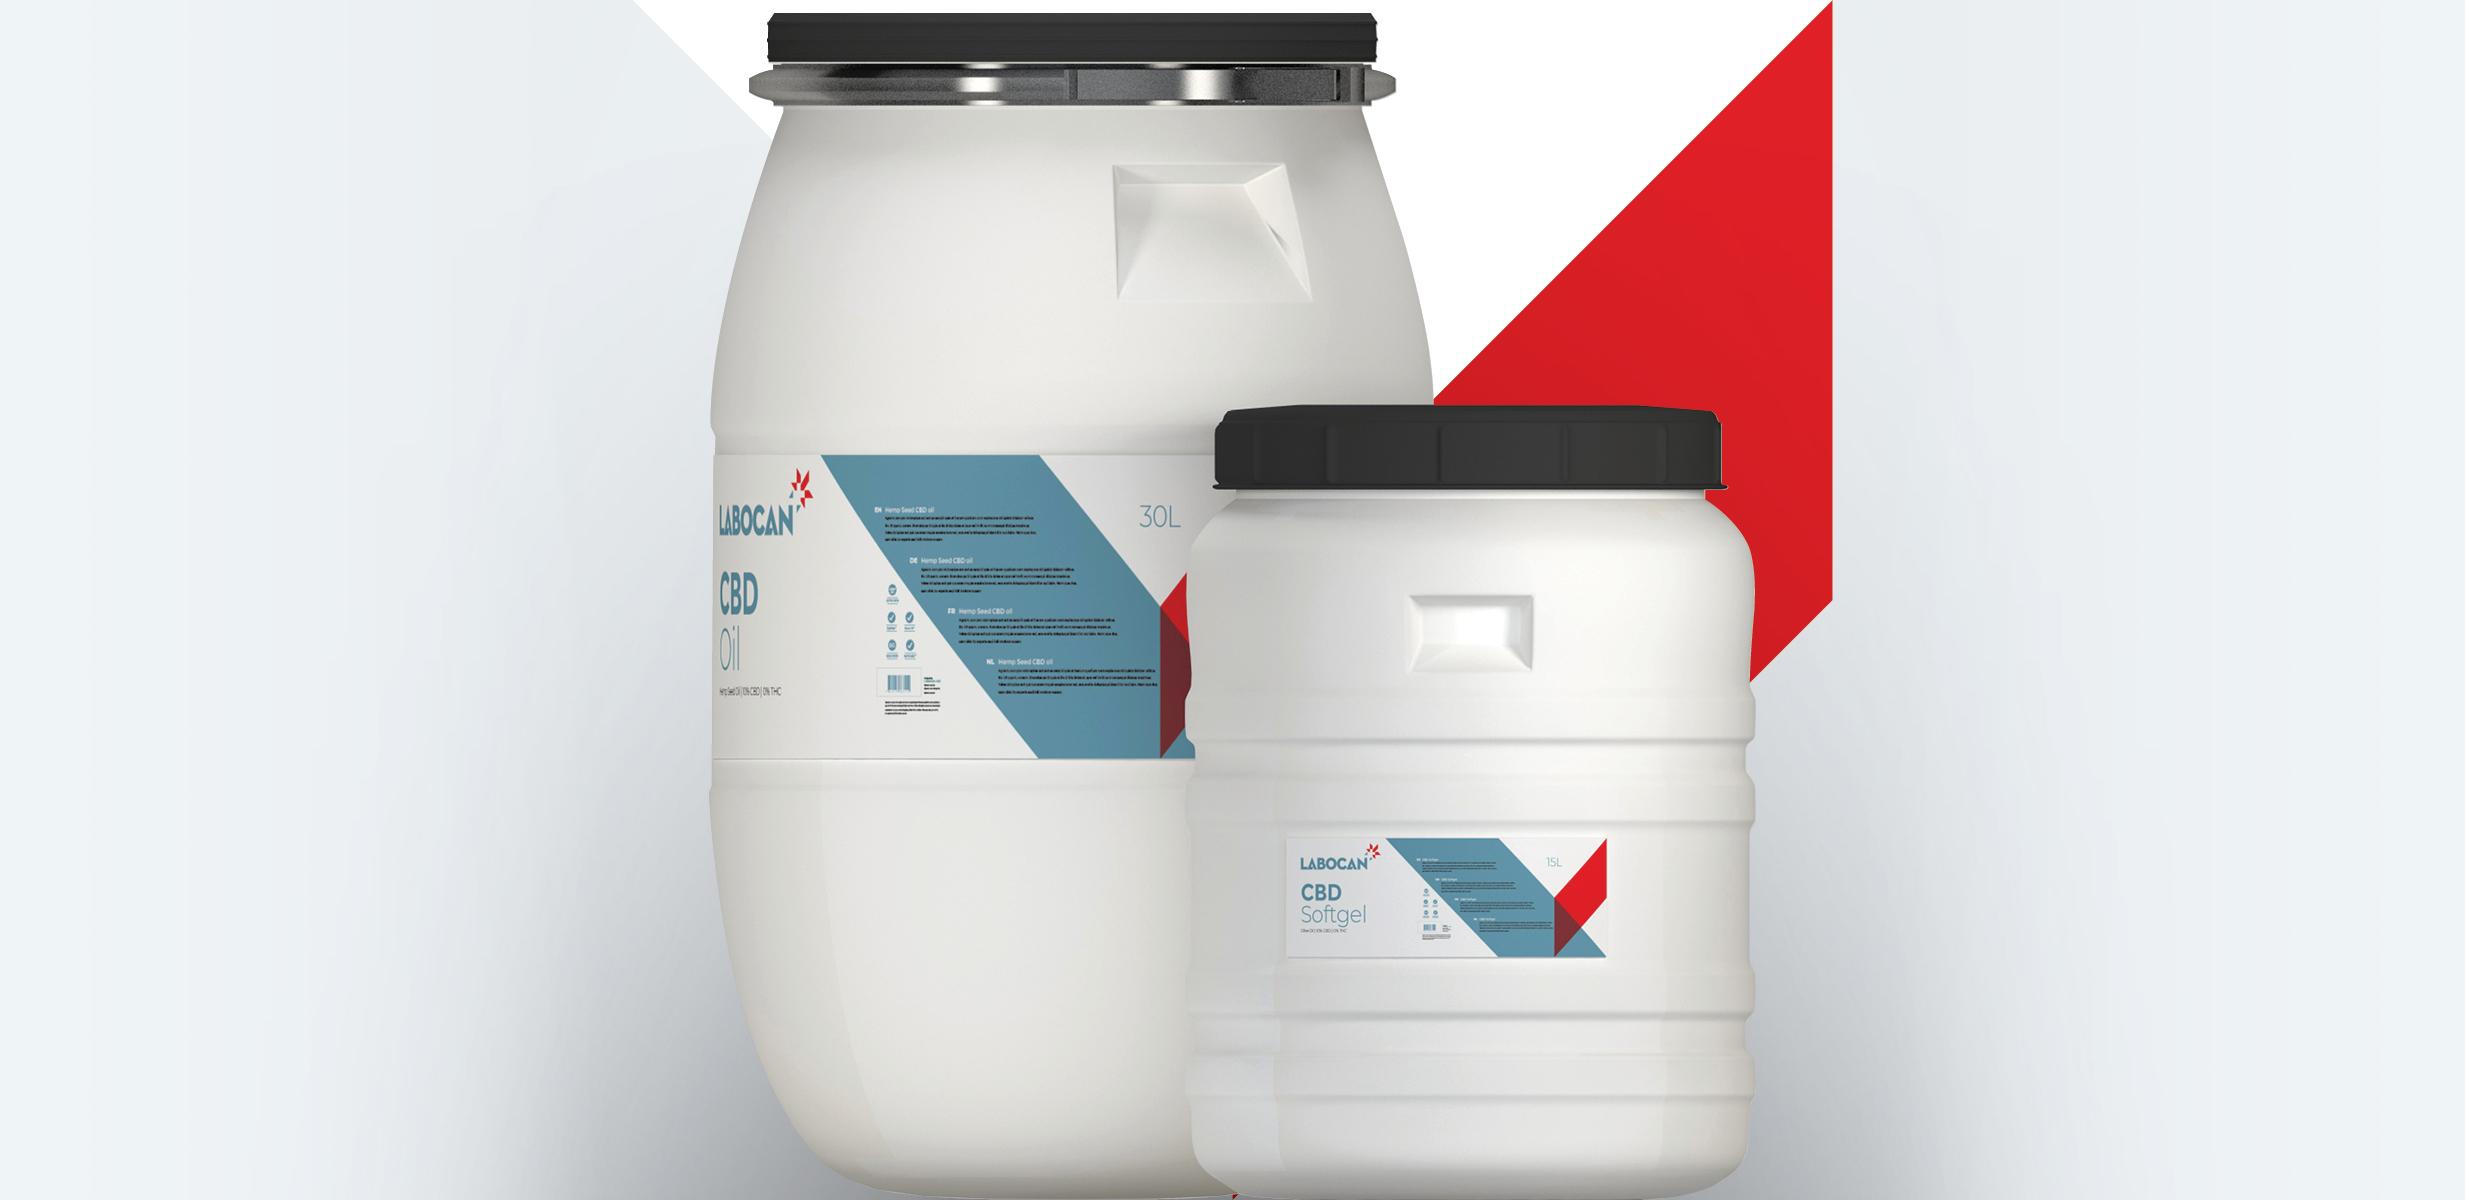 Labocan CBD Sfuso White-Label